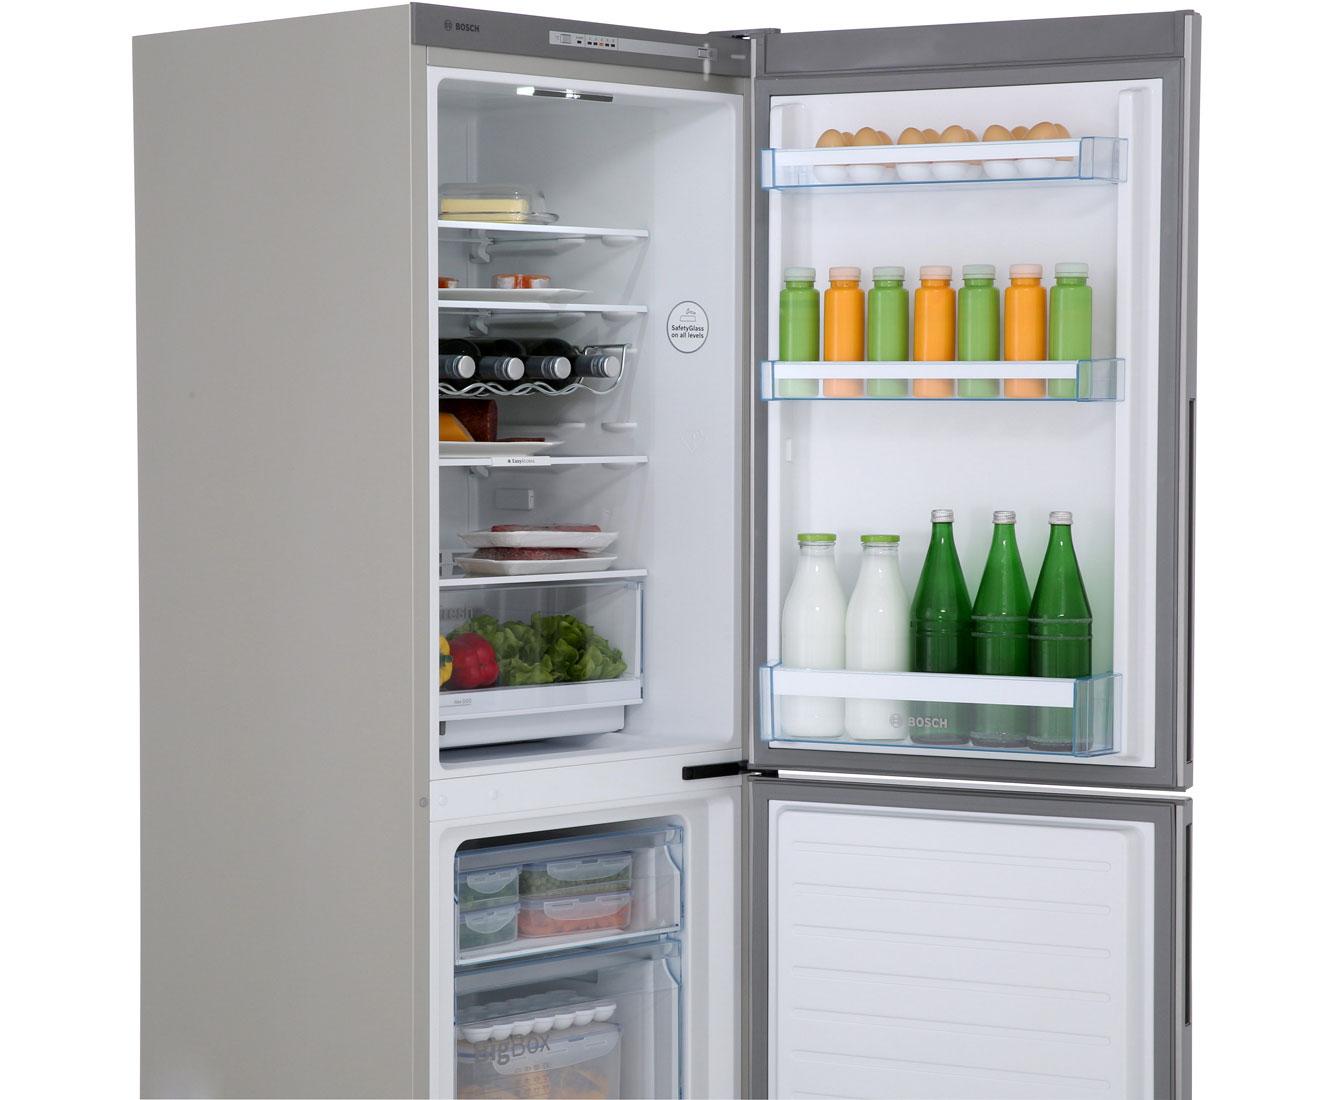 Bosch Kühlschrank Crisper Box : Bosch serie 4 kgv33vw31 kühl gefrierkombination 60er breite weiß a